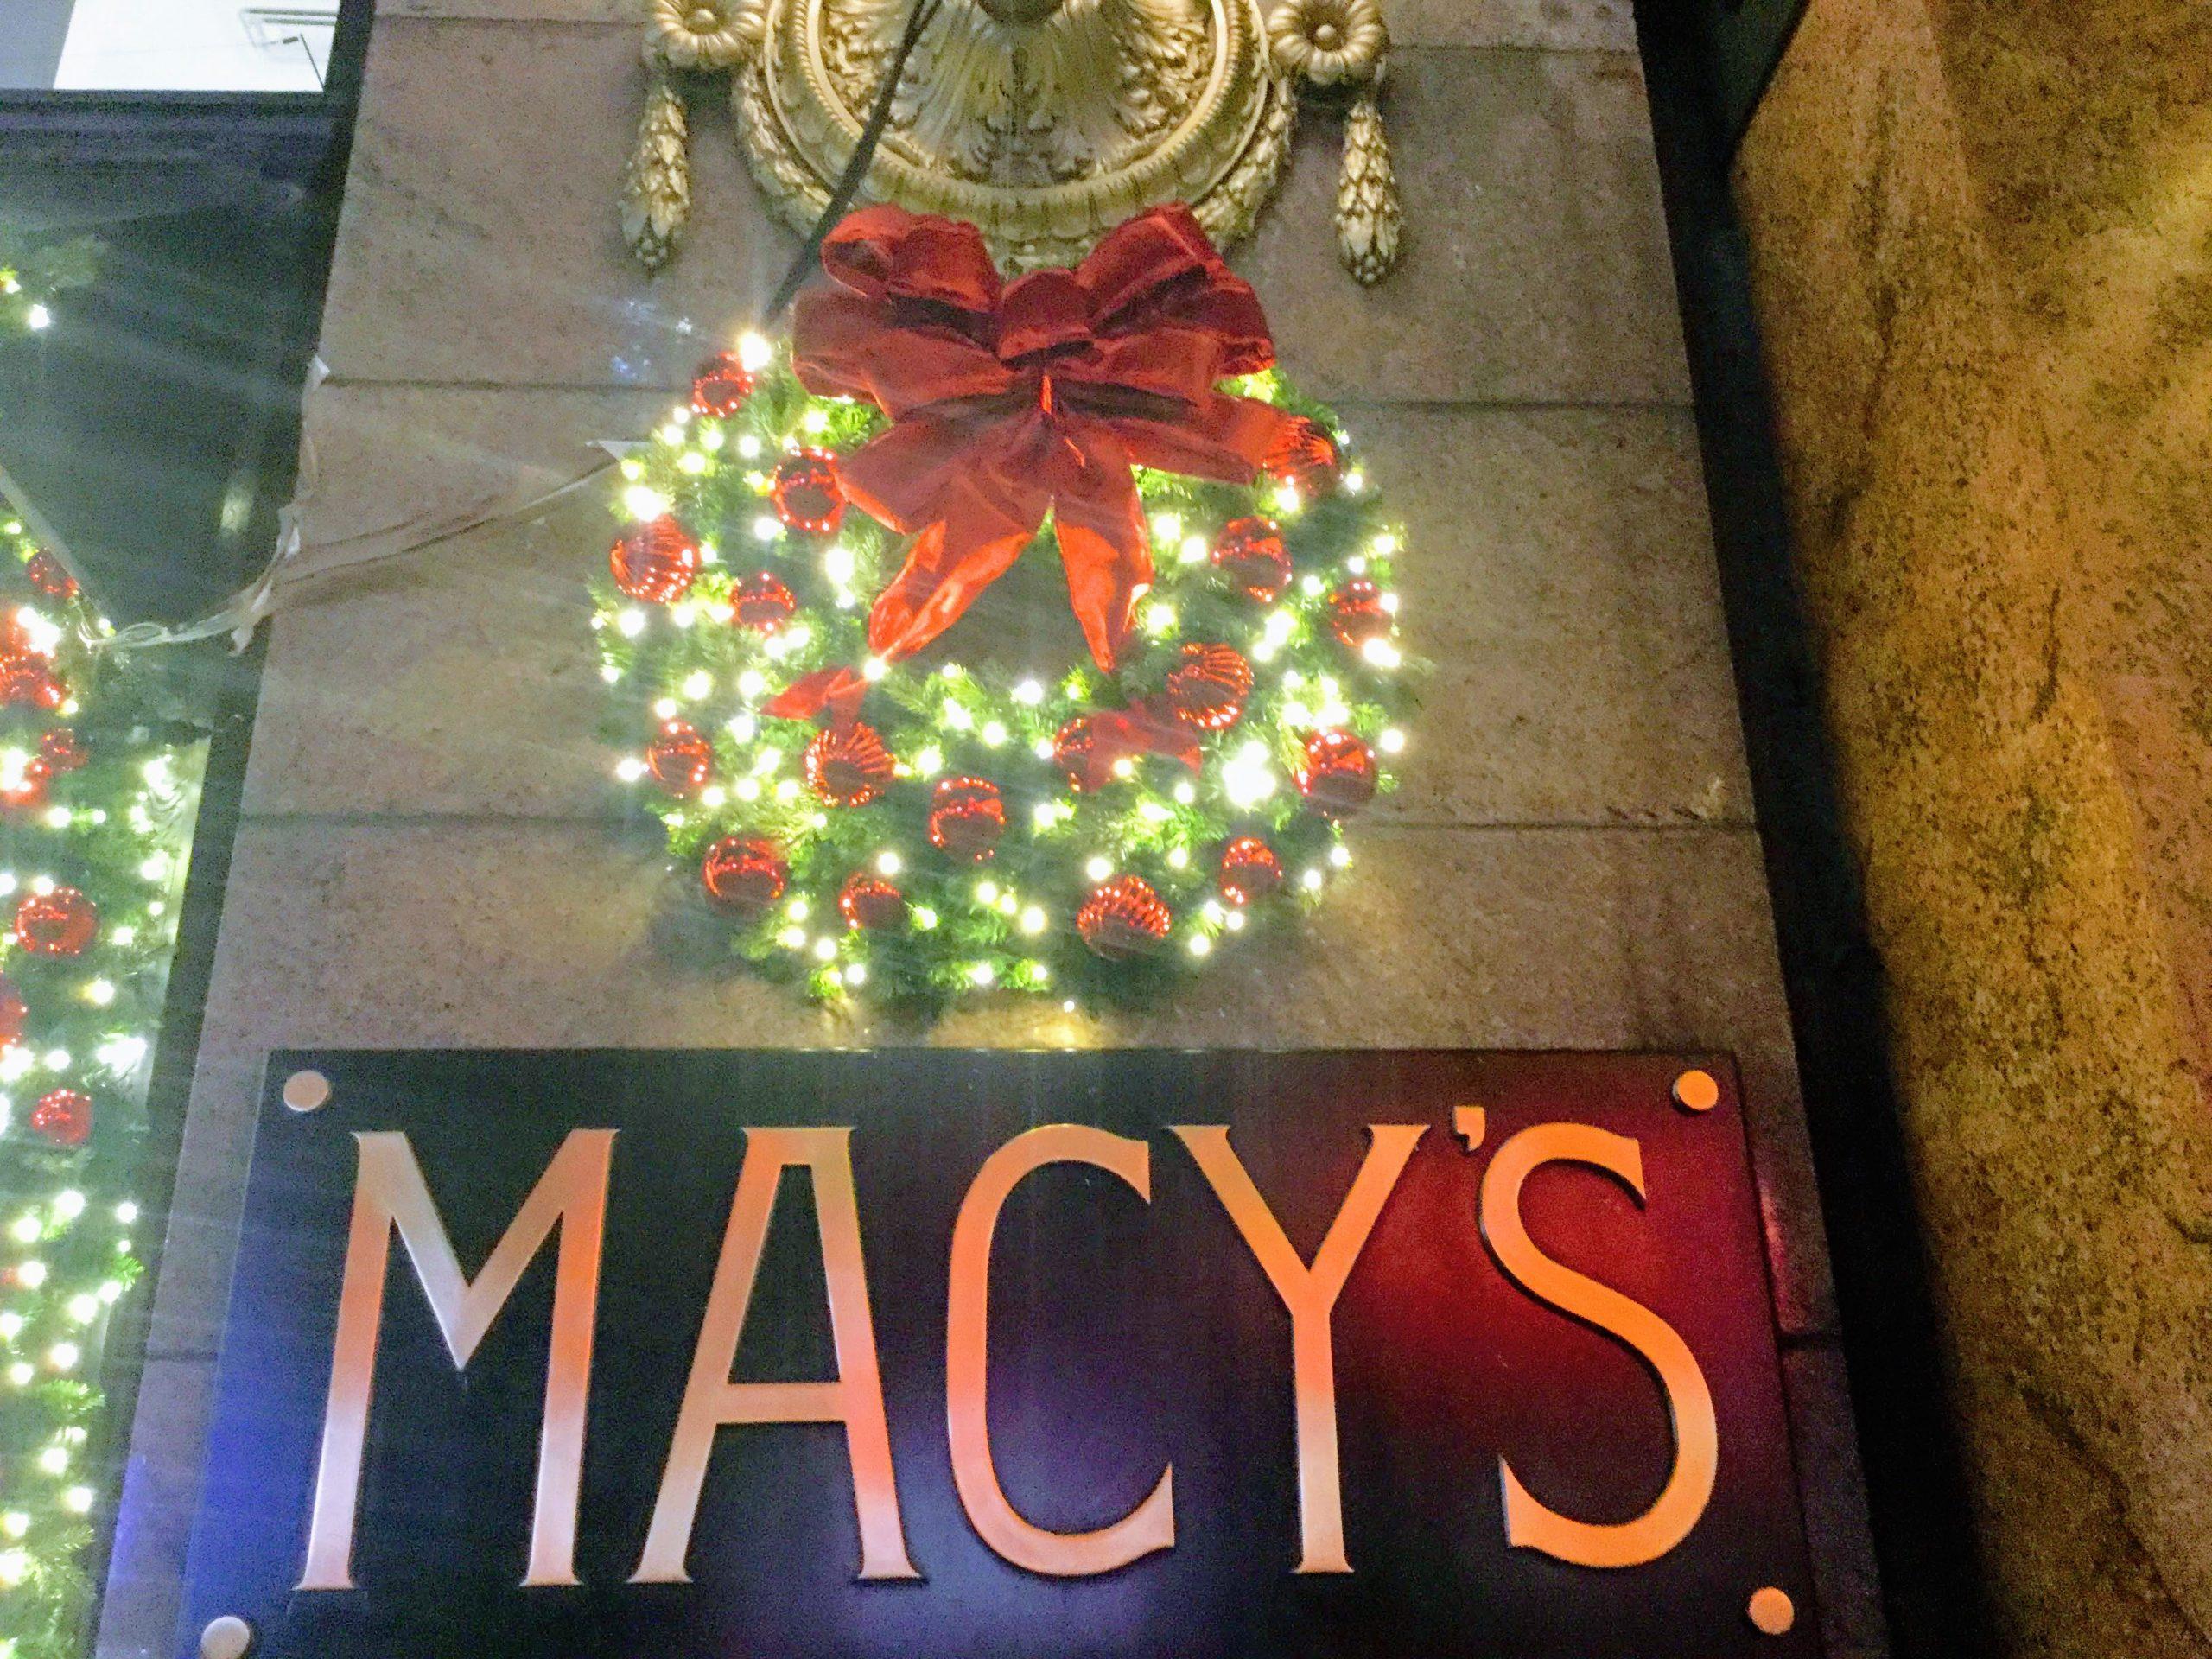 Macy's Holiday Windows